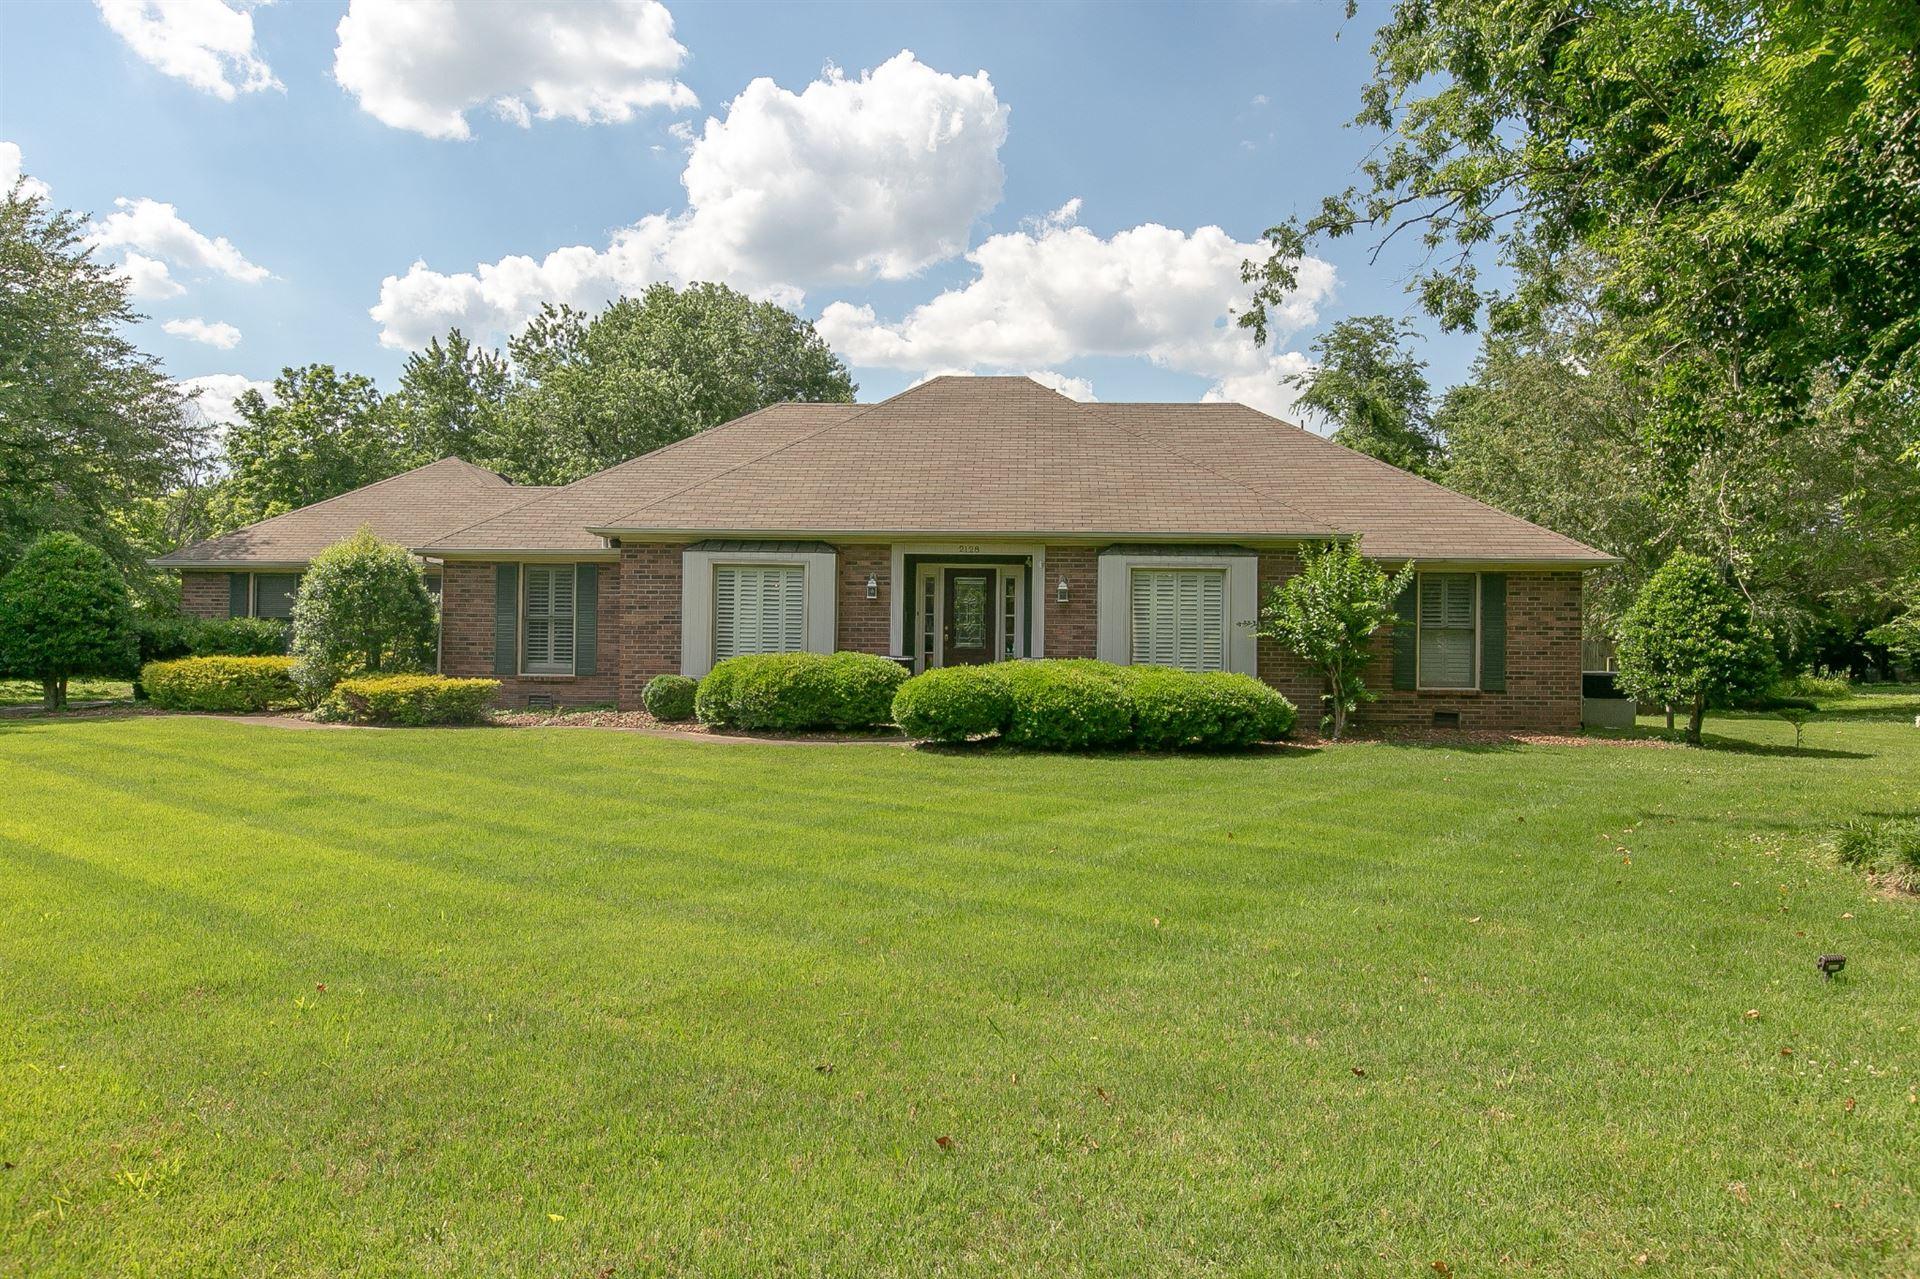 2128 Riverbend Dr, Murfreesboro, TN 37129 - MLS#: 2263981